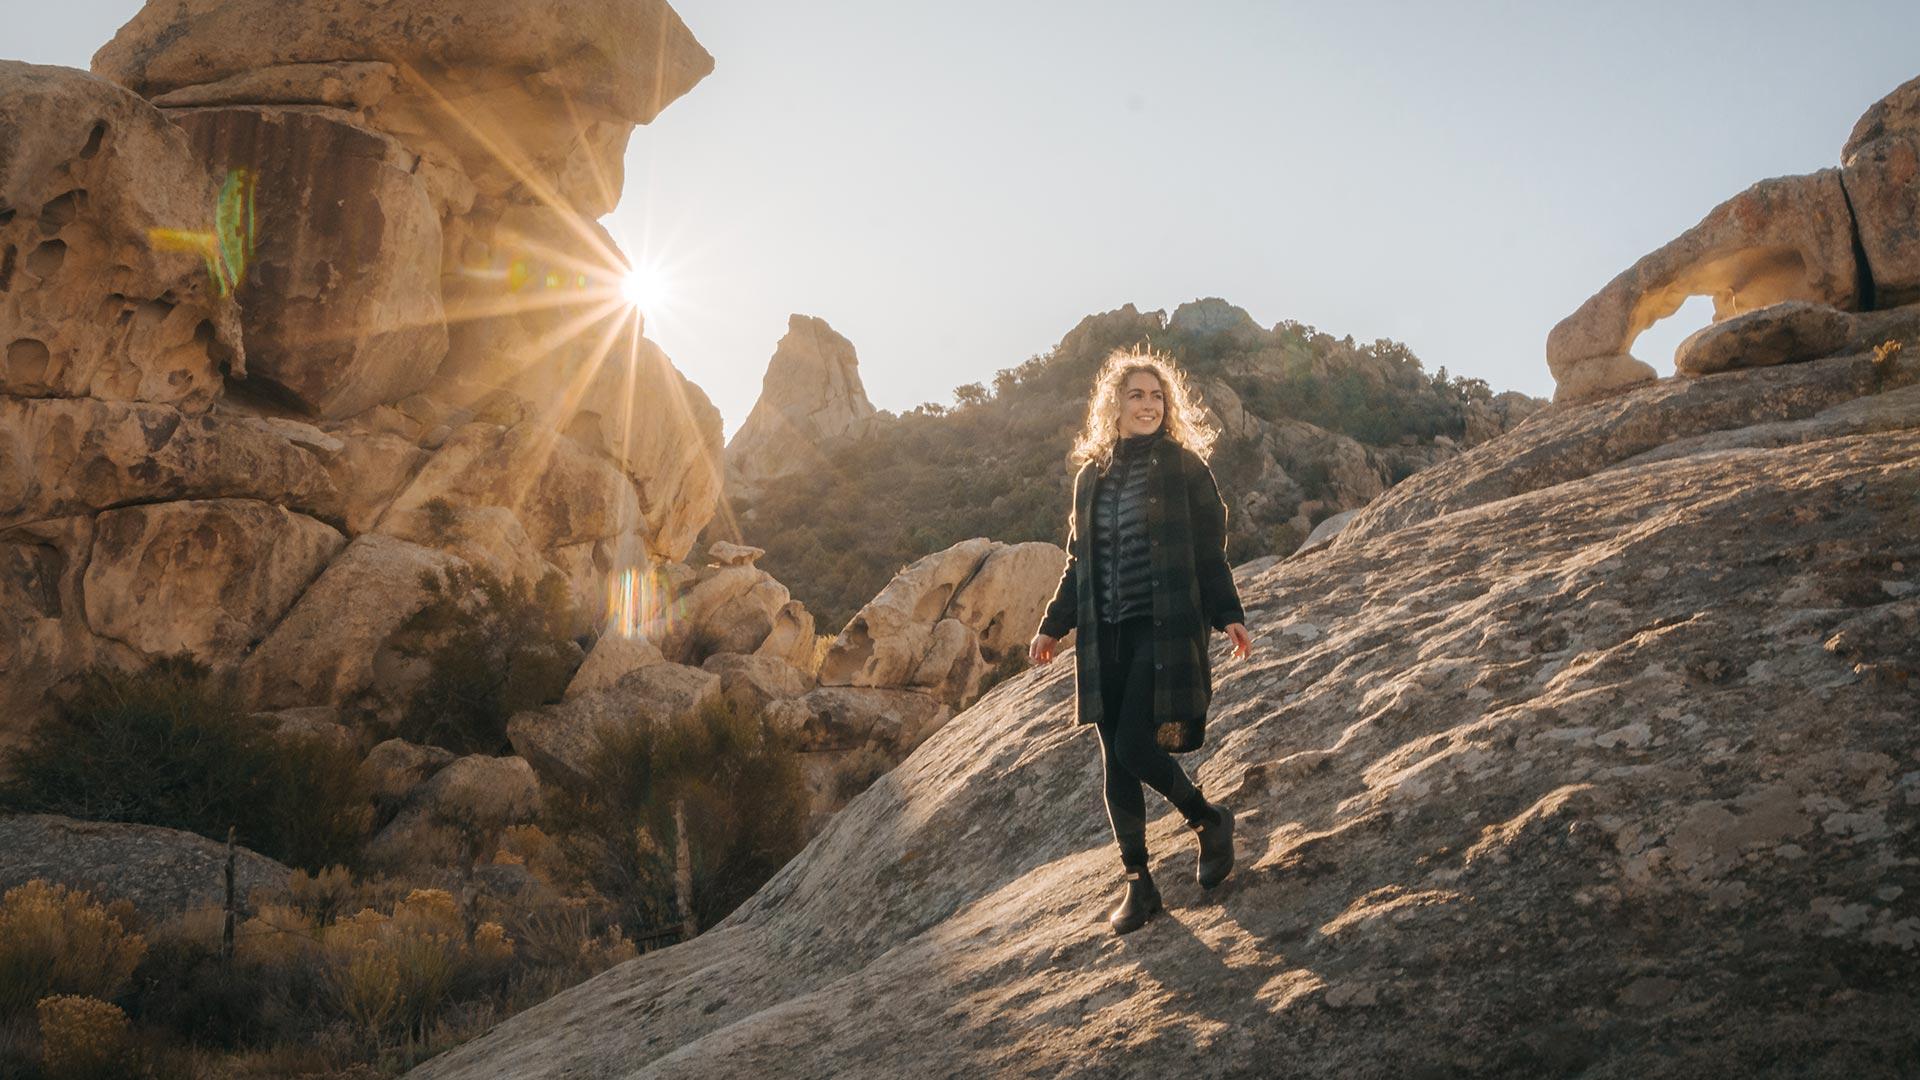 Walking Castle of Rocks